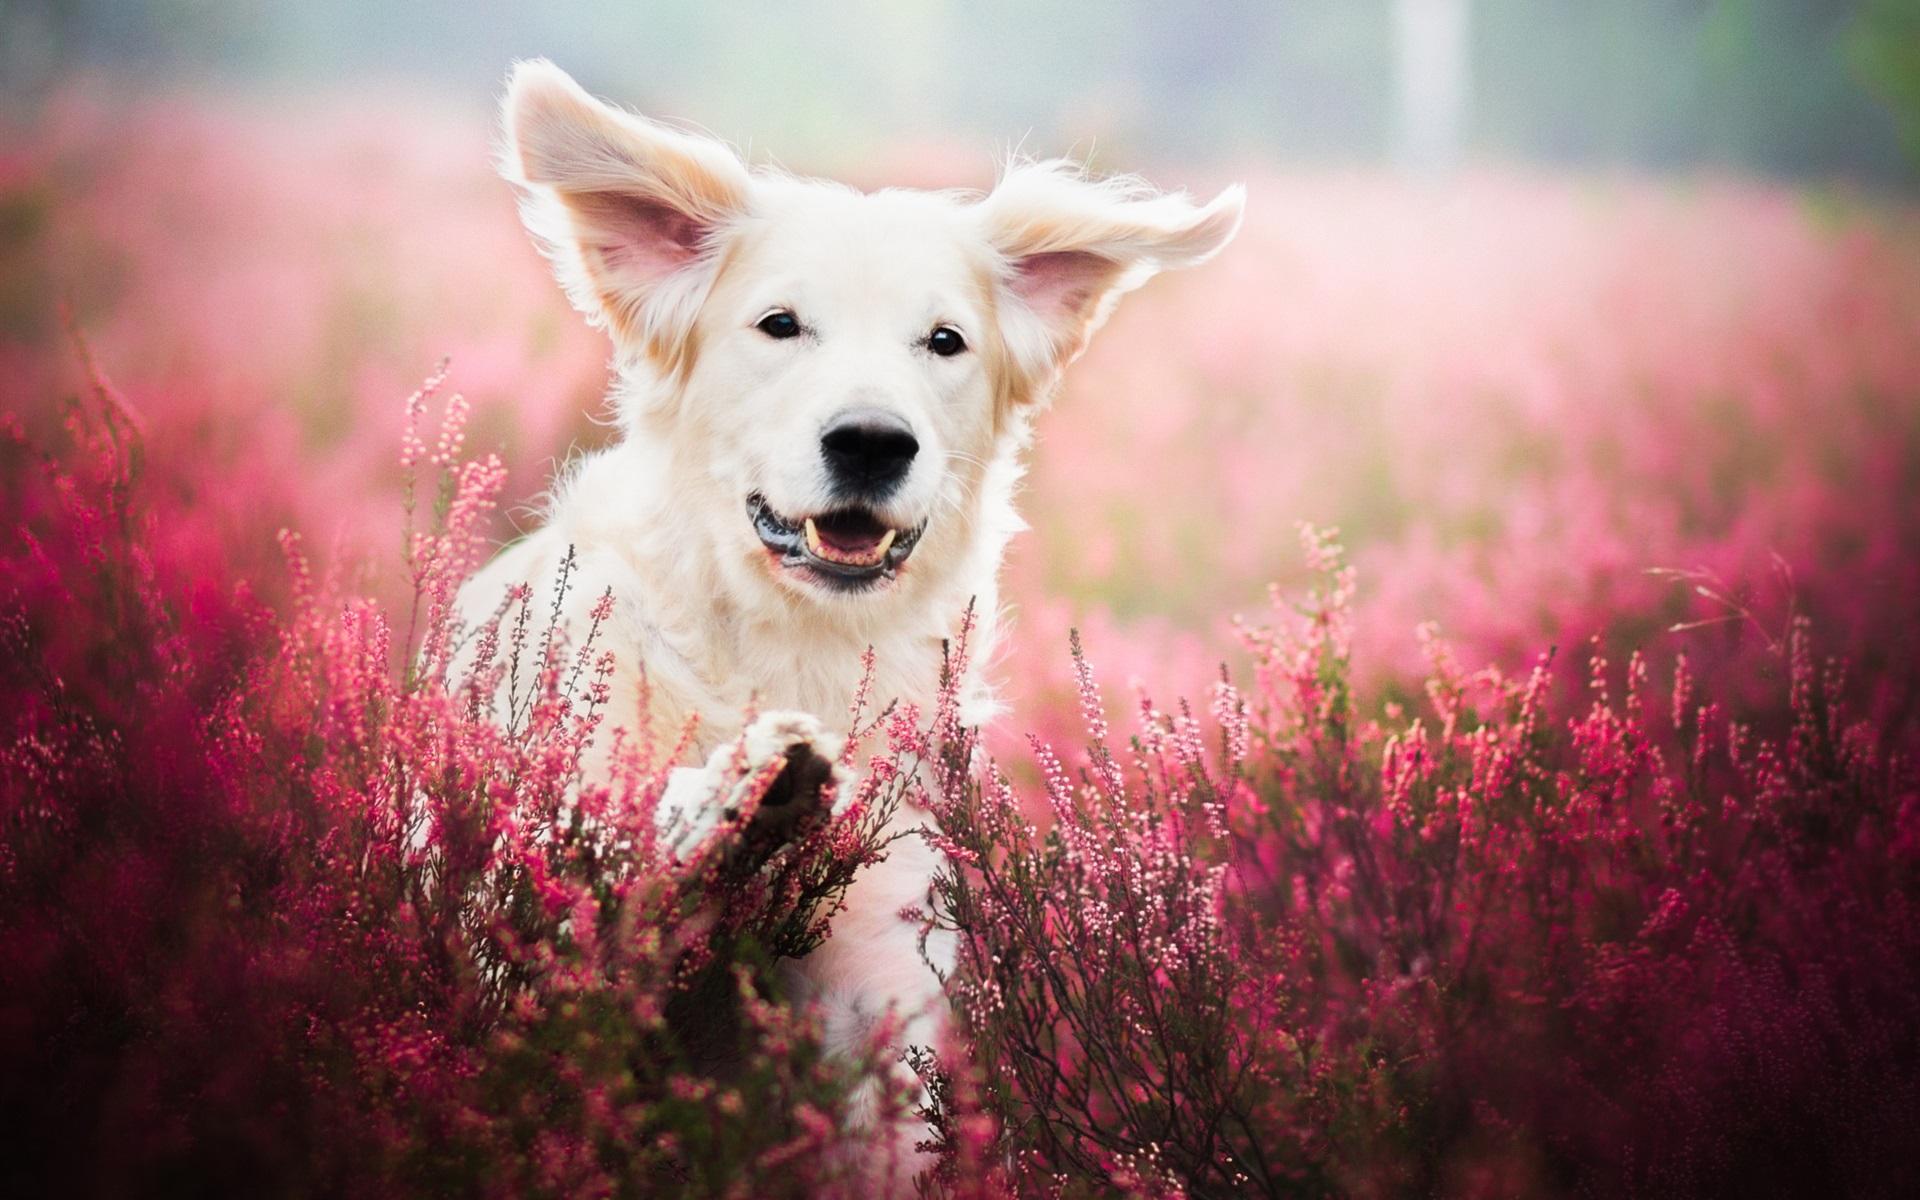 природа животные собака девочка жизнь nature animals dog girl life  № 3951104 без смс